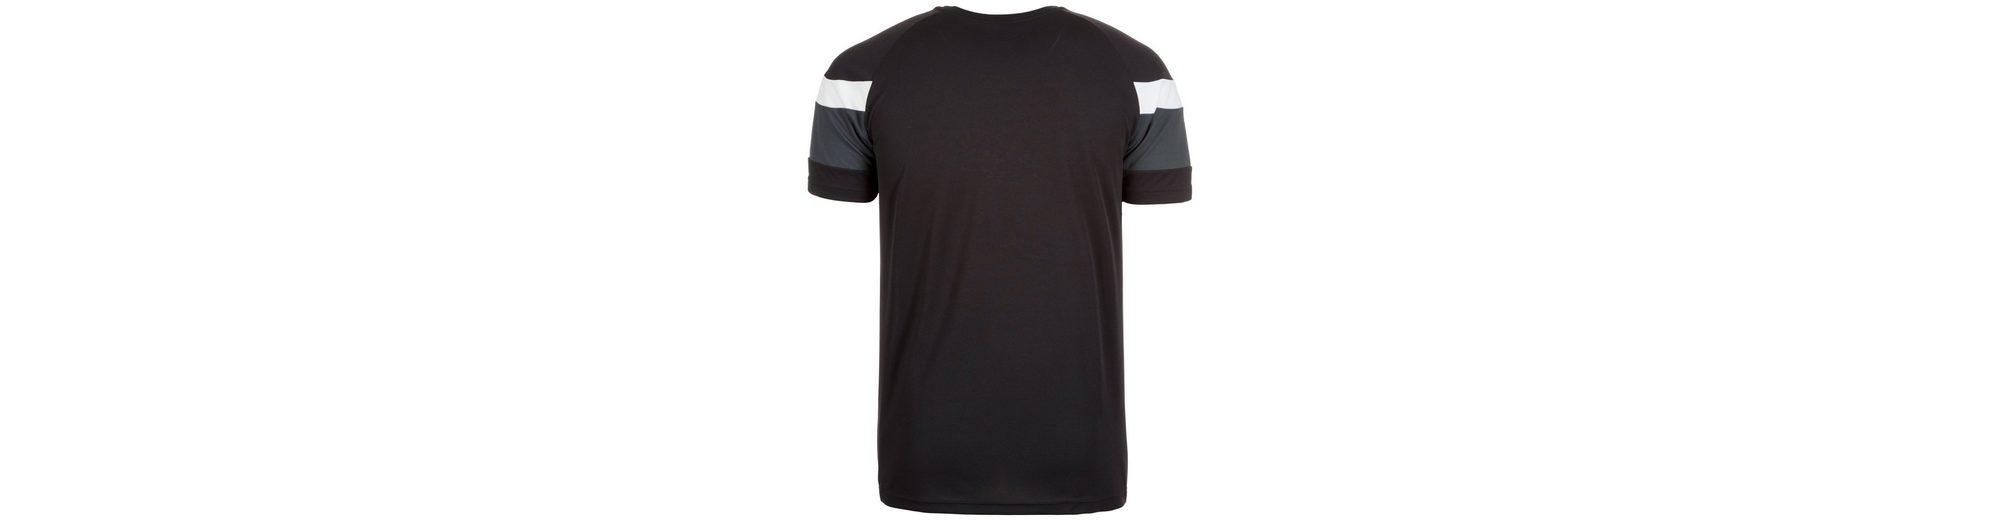 Verkauf Mit Paypal PUMA Spirit II Trainingsshirt Herren Billig Großhandelspreis Aussicht Outlet-Store Günstig Online Rabatt 2018 Neueste Xlt0B0N5